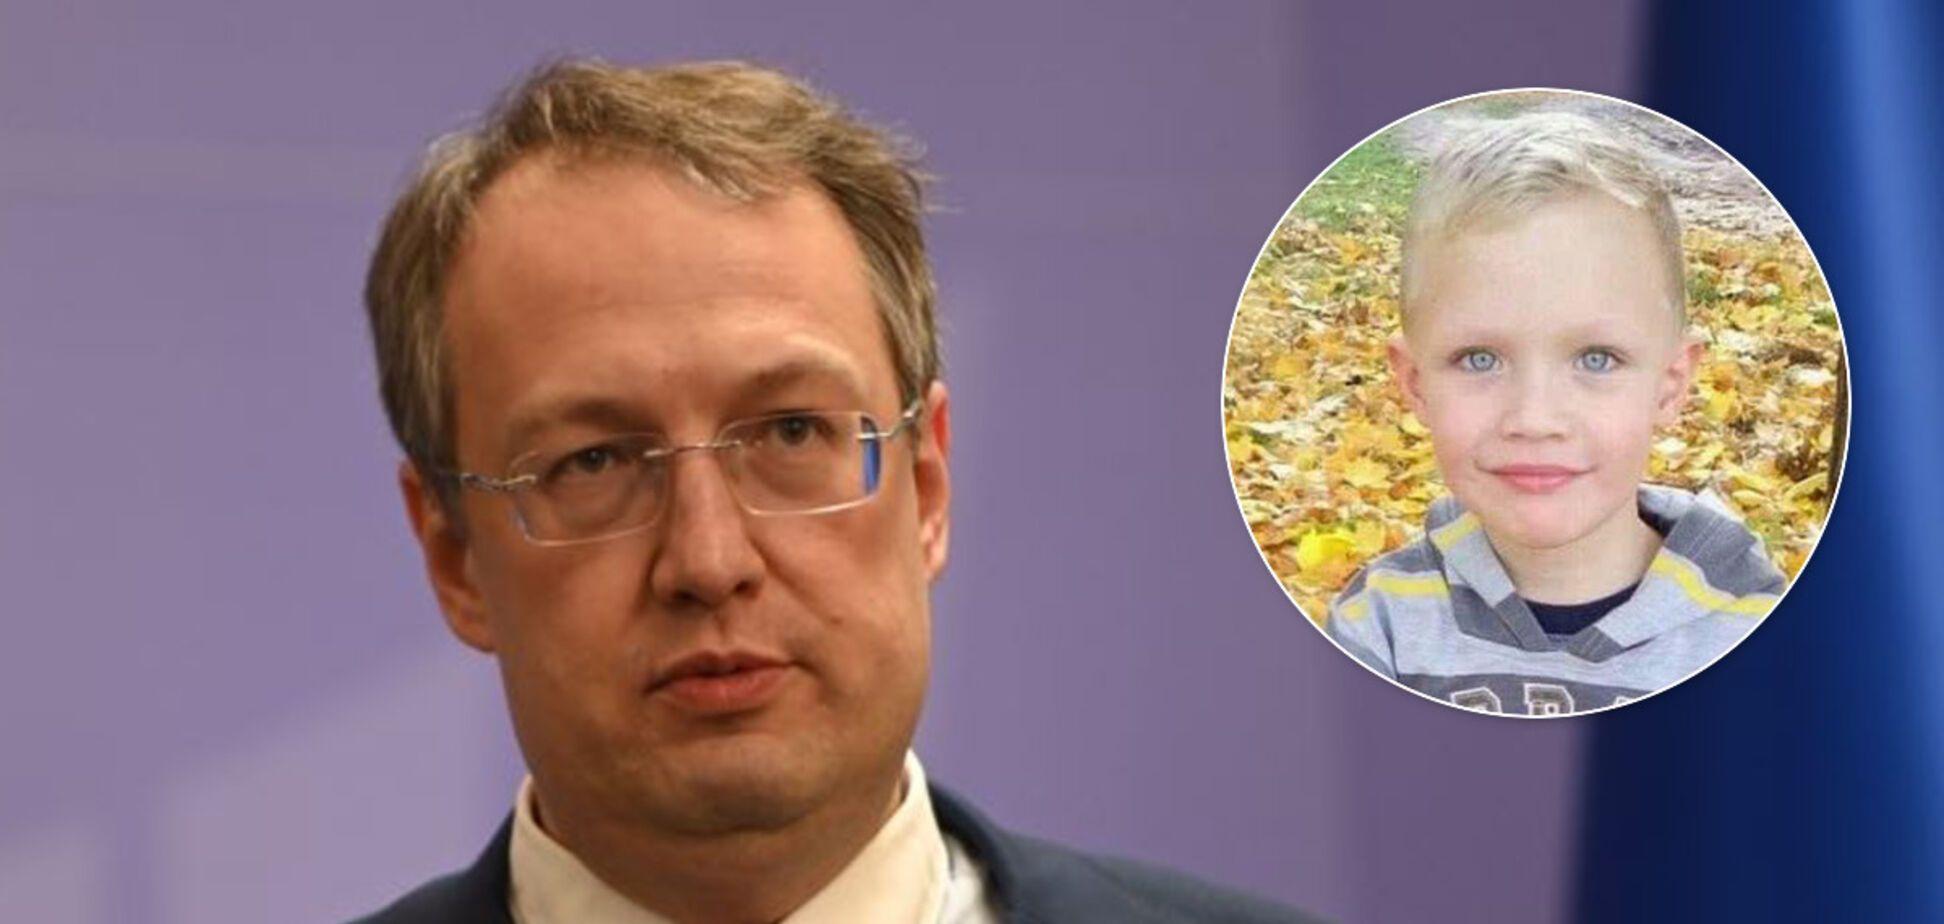 Річниця вбивства дитини в Переяслав-Хмельницькому: у МВС розповіли, як просувається справа